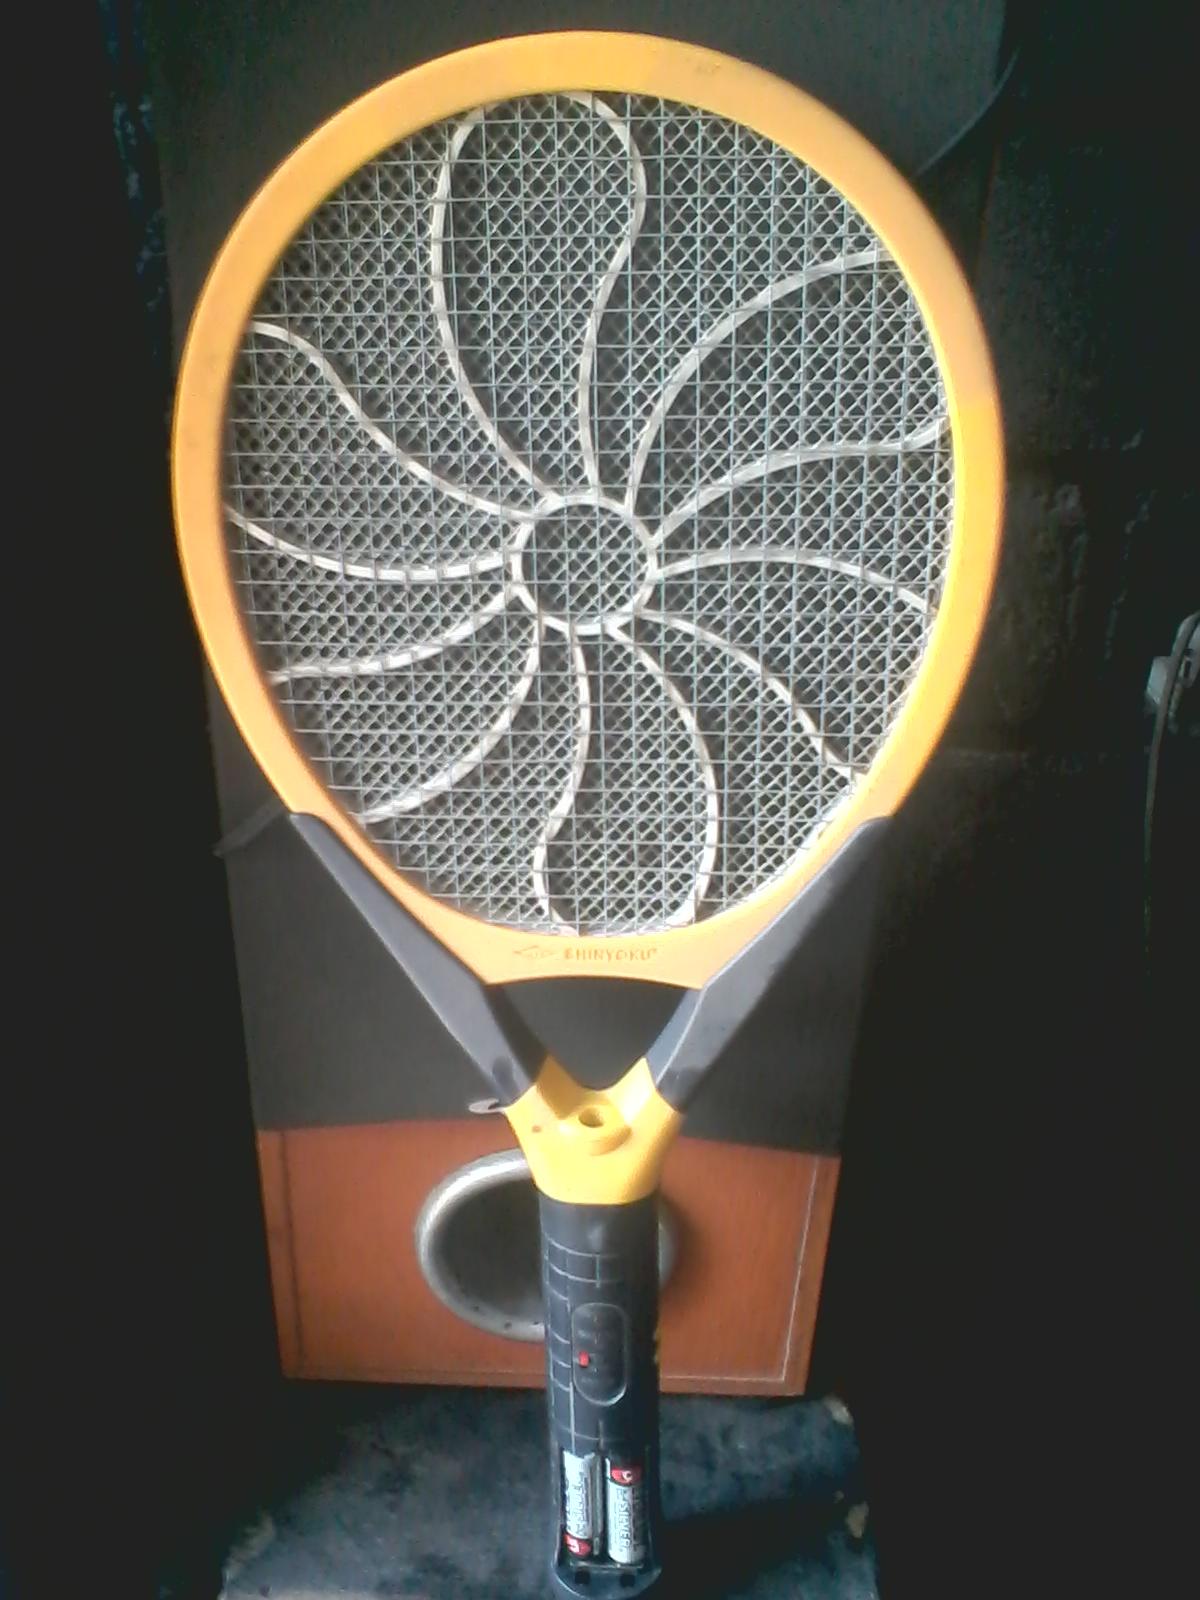 254 Cara Mudah Belajar Elektro Tips Servis Tv Led Tabung Mesin Raket Nyamukk Artikel Kami Kali Ini Mengulas Tentang Reparasi Nyamuk Mati Totalmeskipun Peralatan Tidak Termasuk Yang Pokok Namun Ternyata Pada